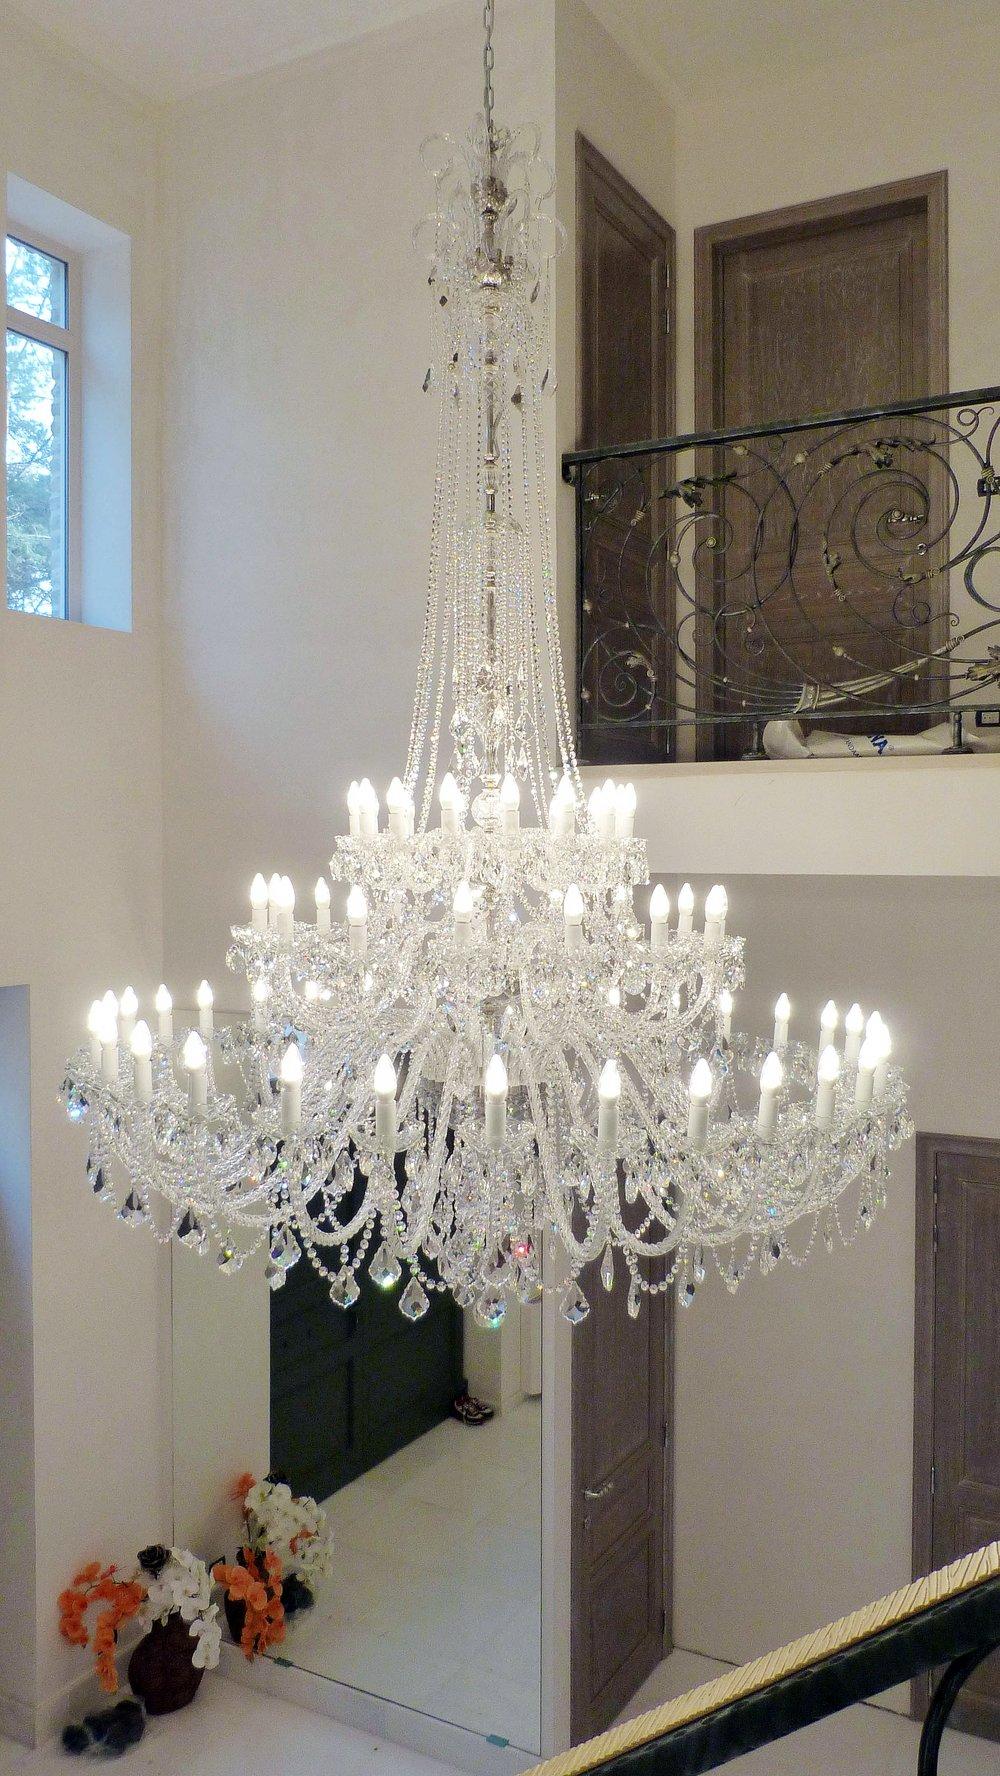 princess-crystal-chandelier-belgium-6.jpg